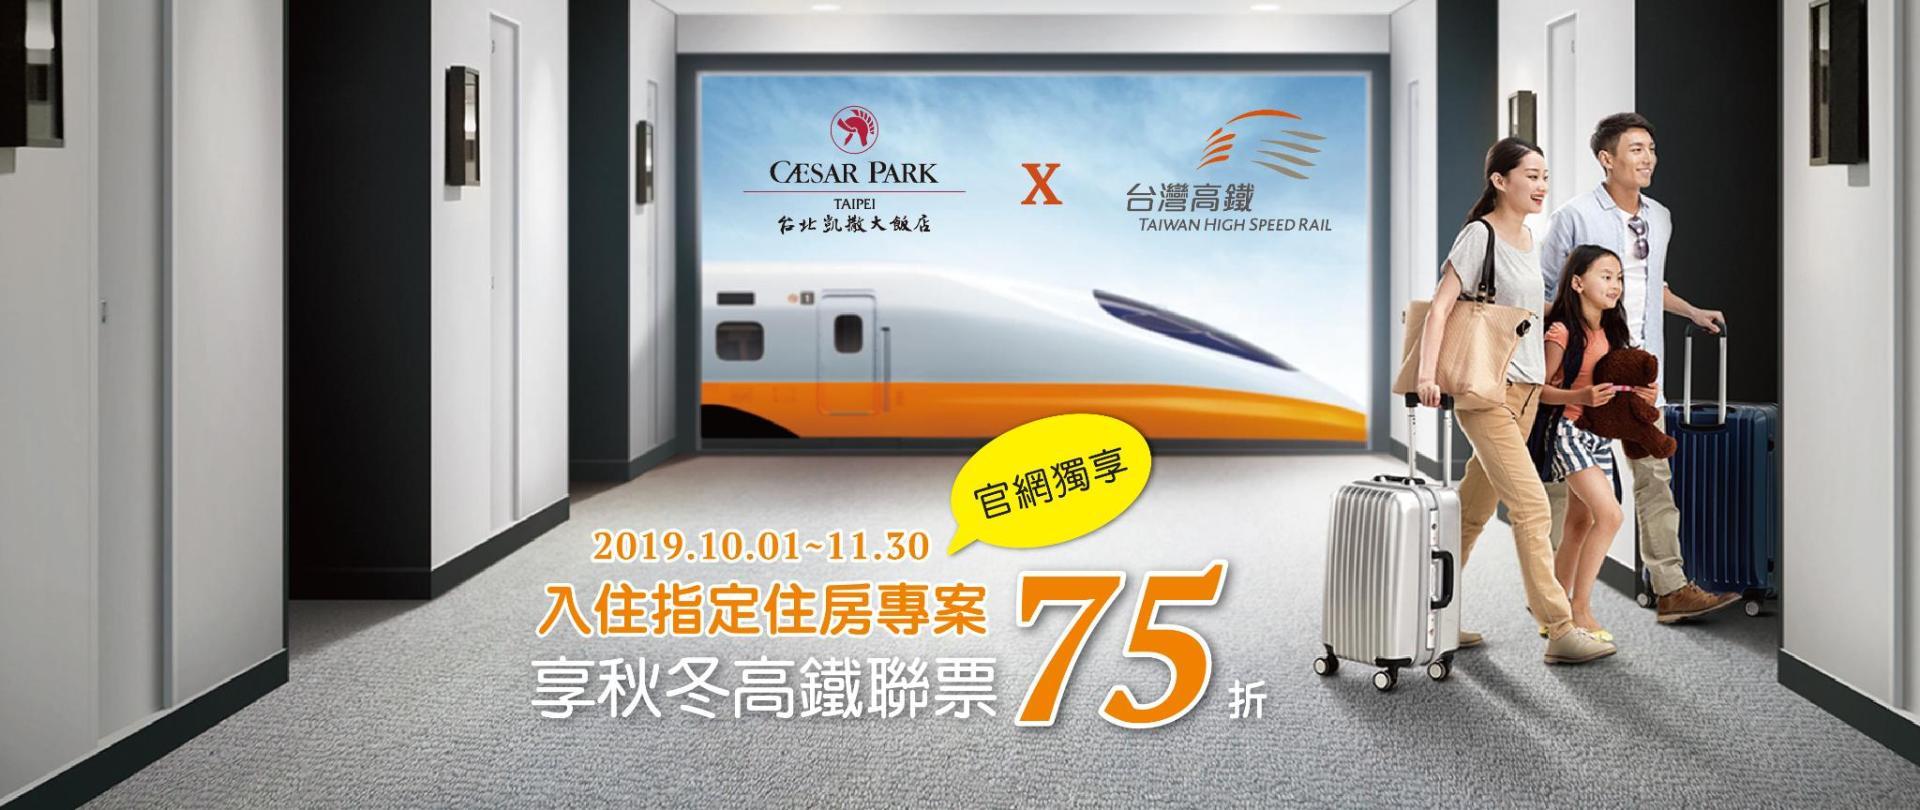 Slide Show1920X810_2019高鐵10-12月聯票-1031.jpg